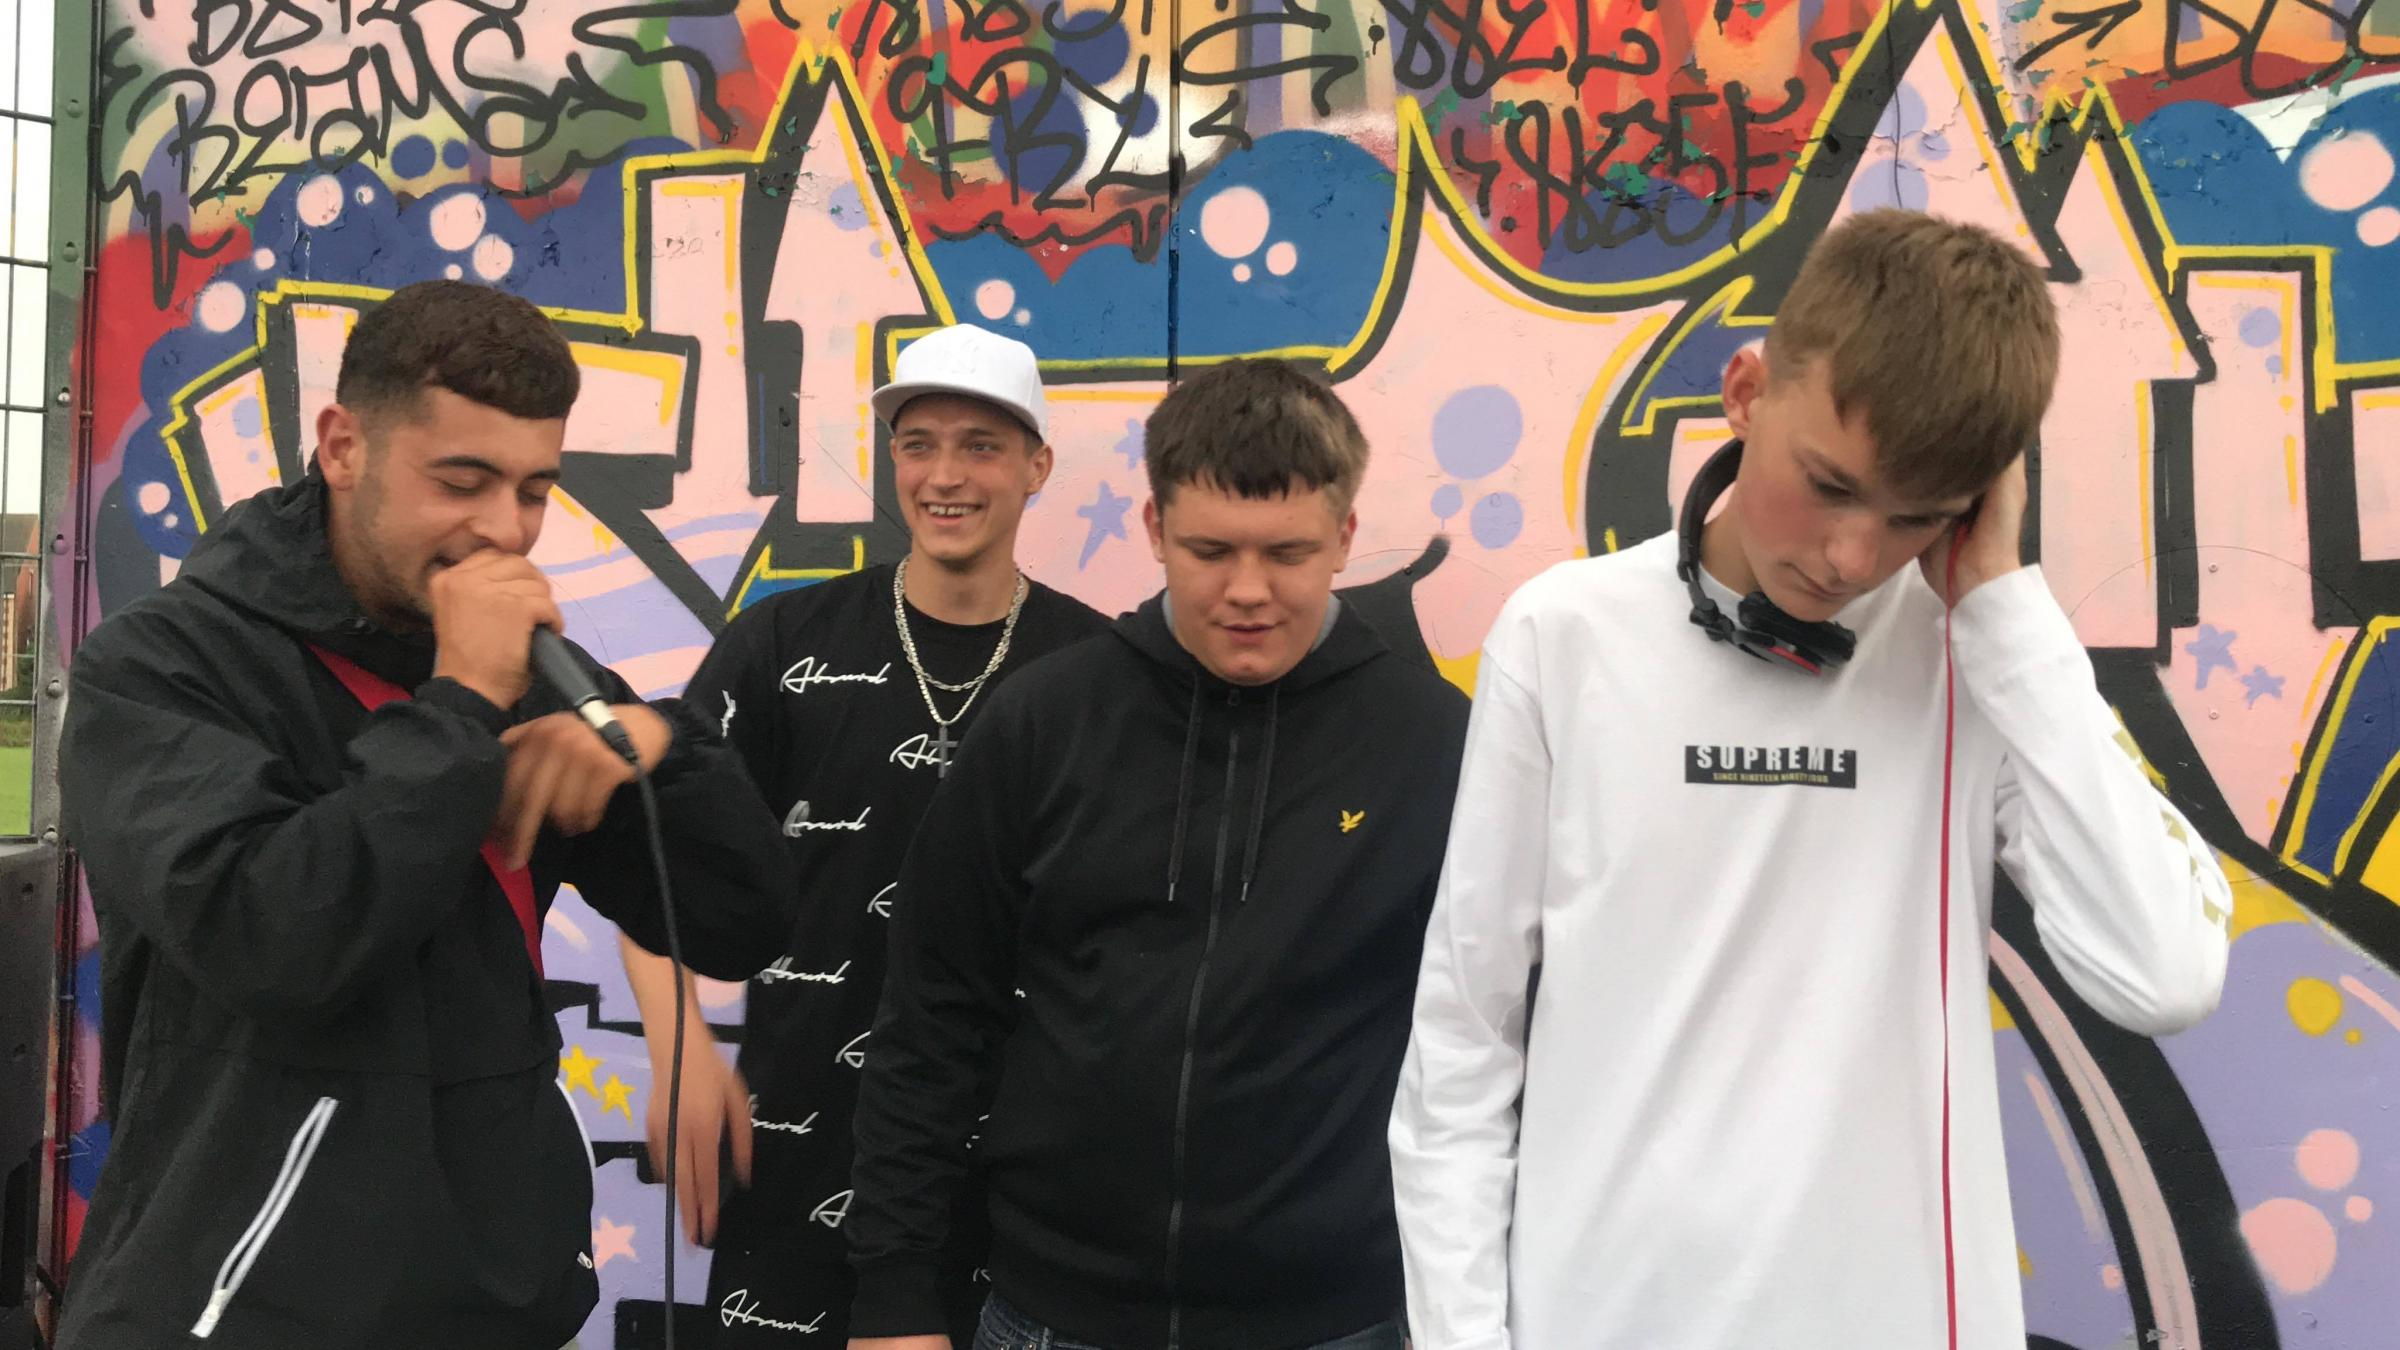 Trowbridge skatepark hosts grime gig after late cancellation